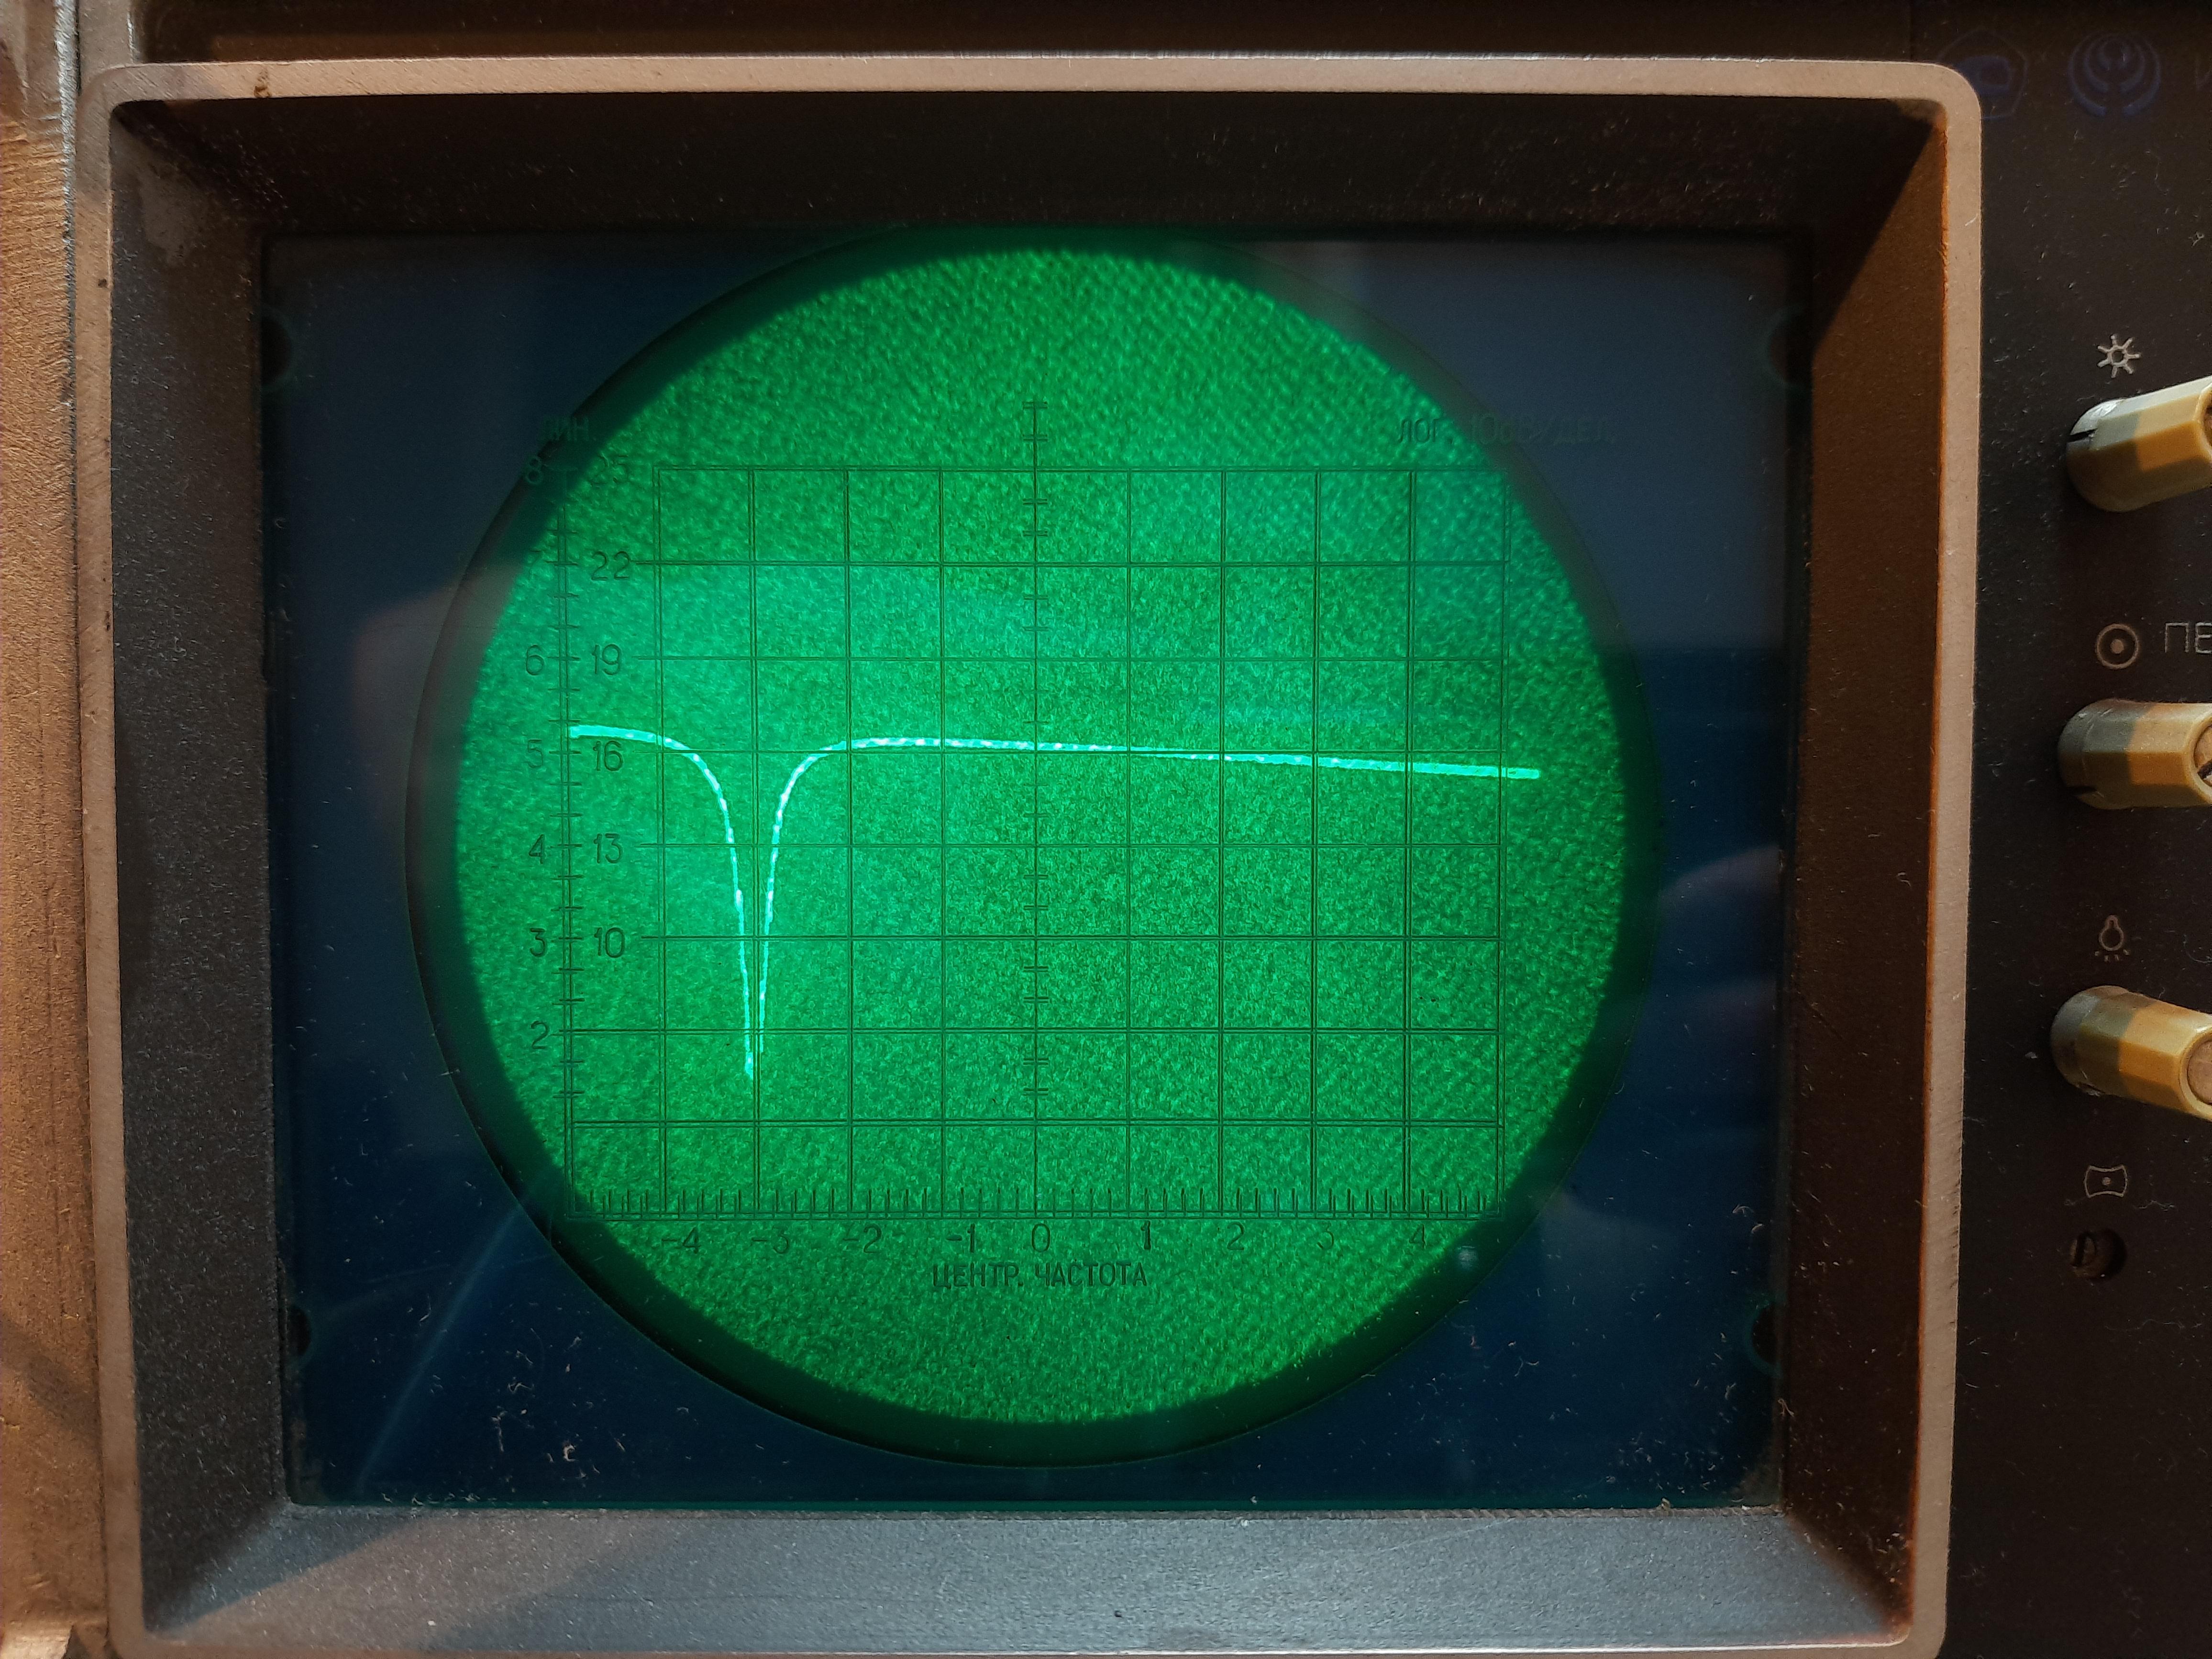 АЧХ в области НЧ (в клетке 10 Гц по горизонтали, 10 дБ по вертикали, 0 Гц - где провал)